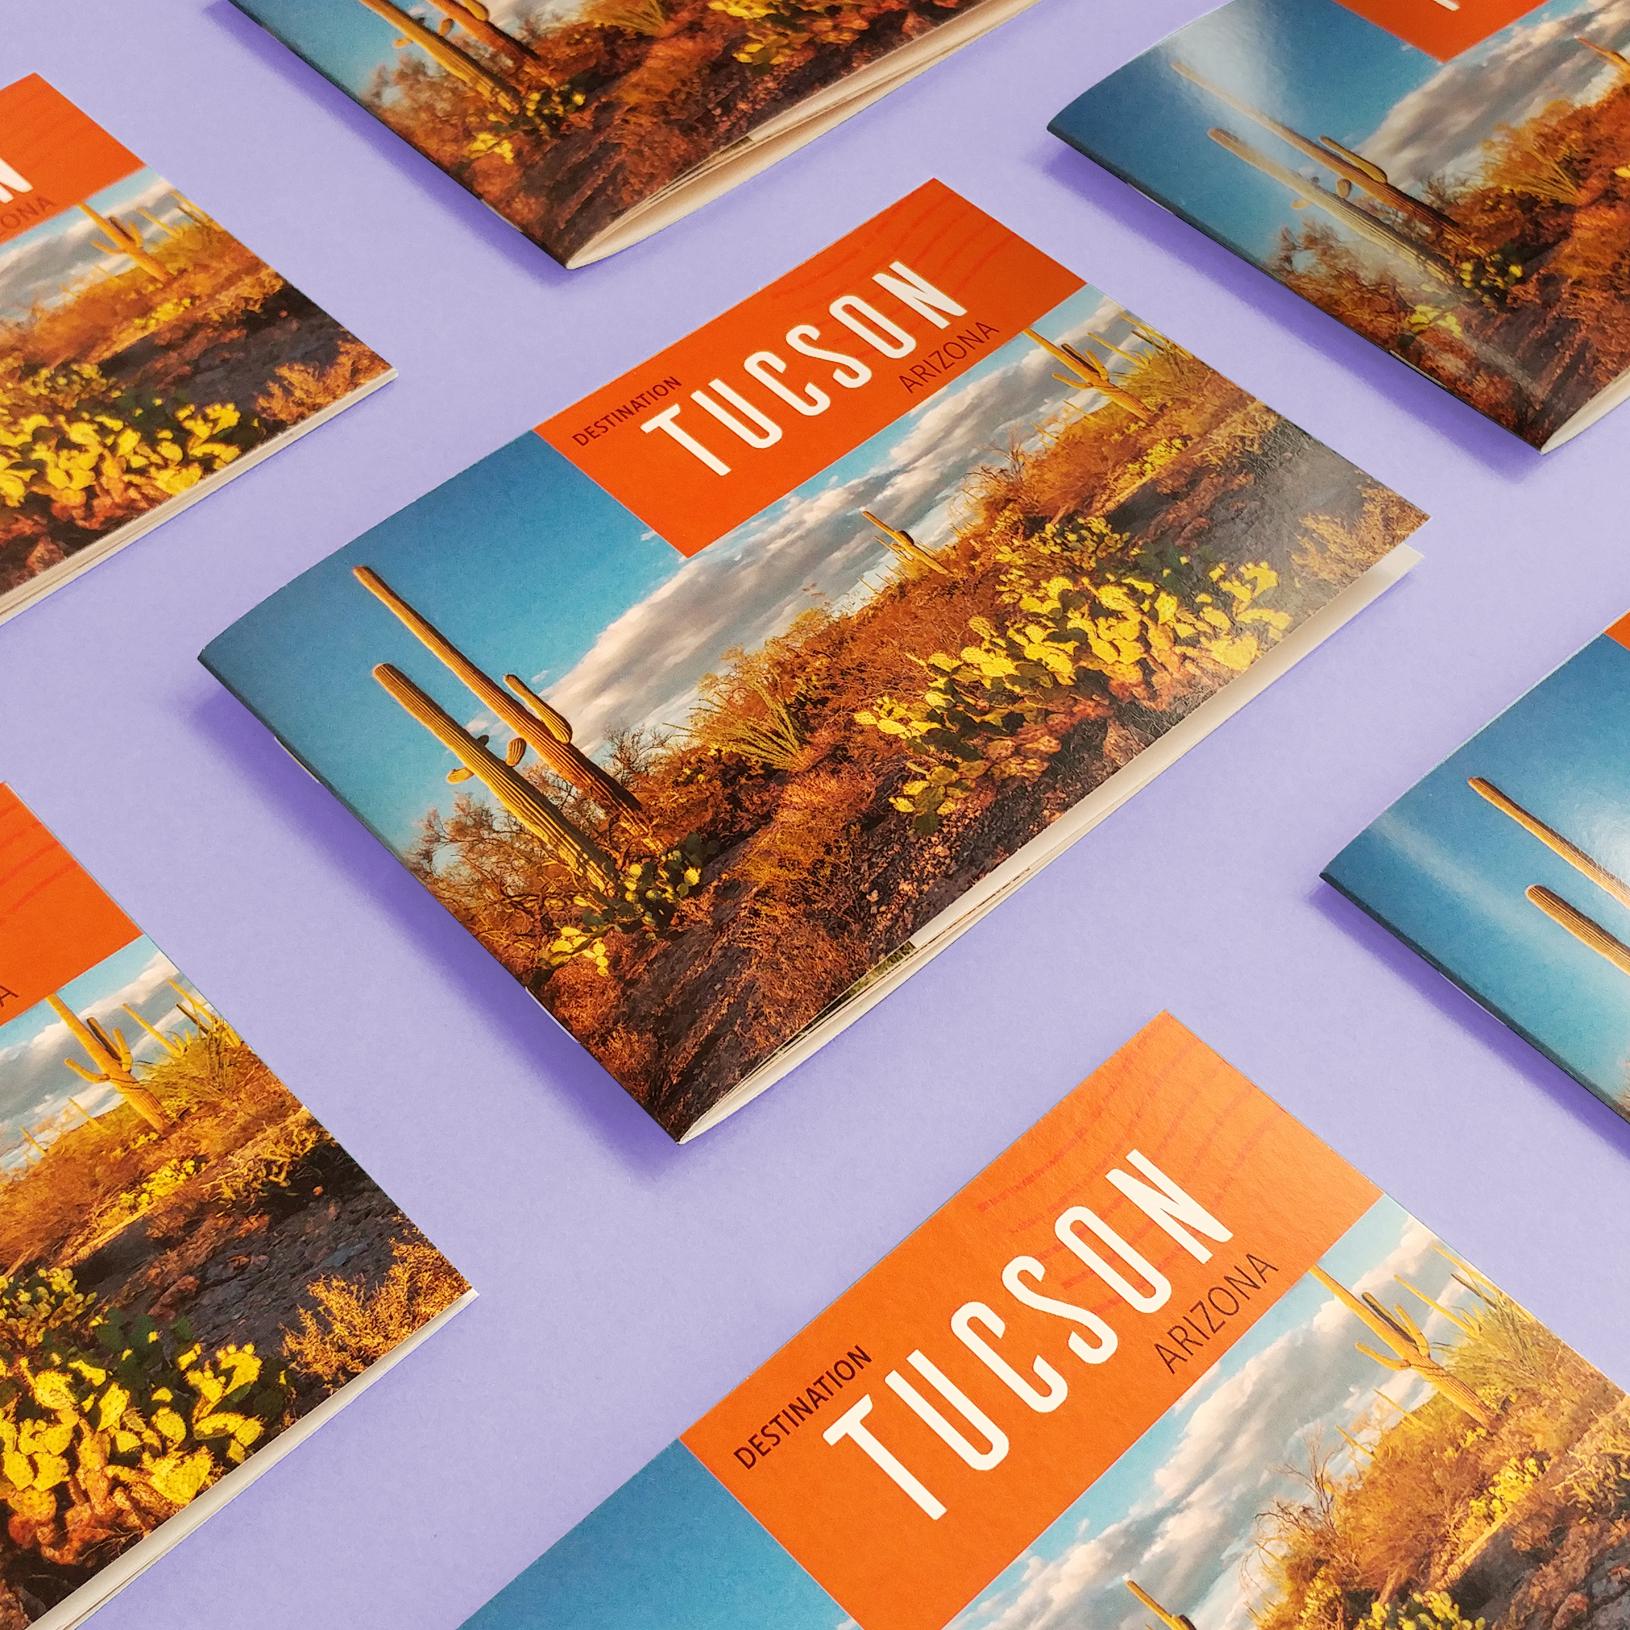 Production et conception graphique de la nouvelle destination voyage : Tuscon, Arizona